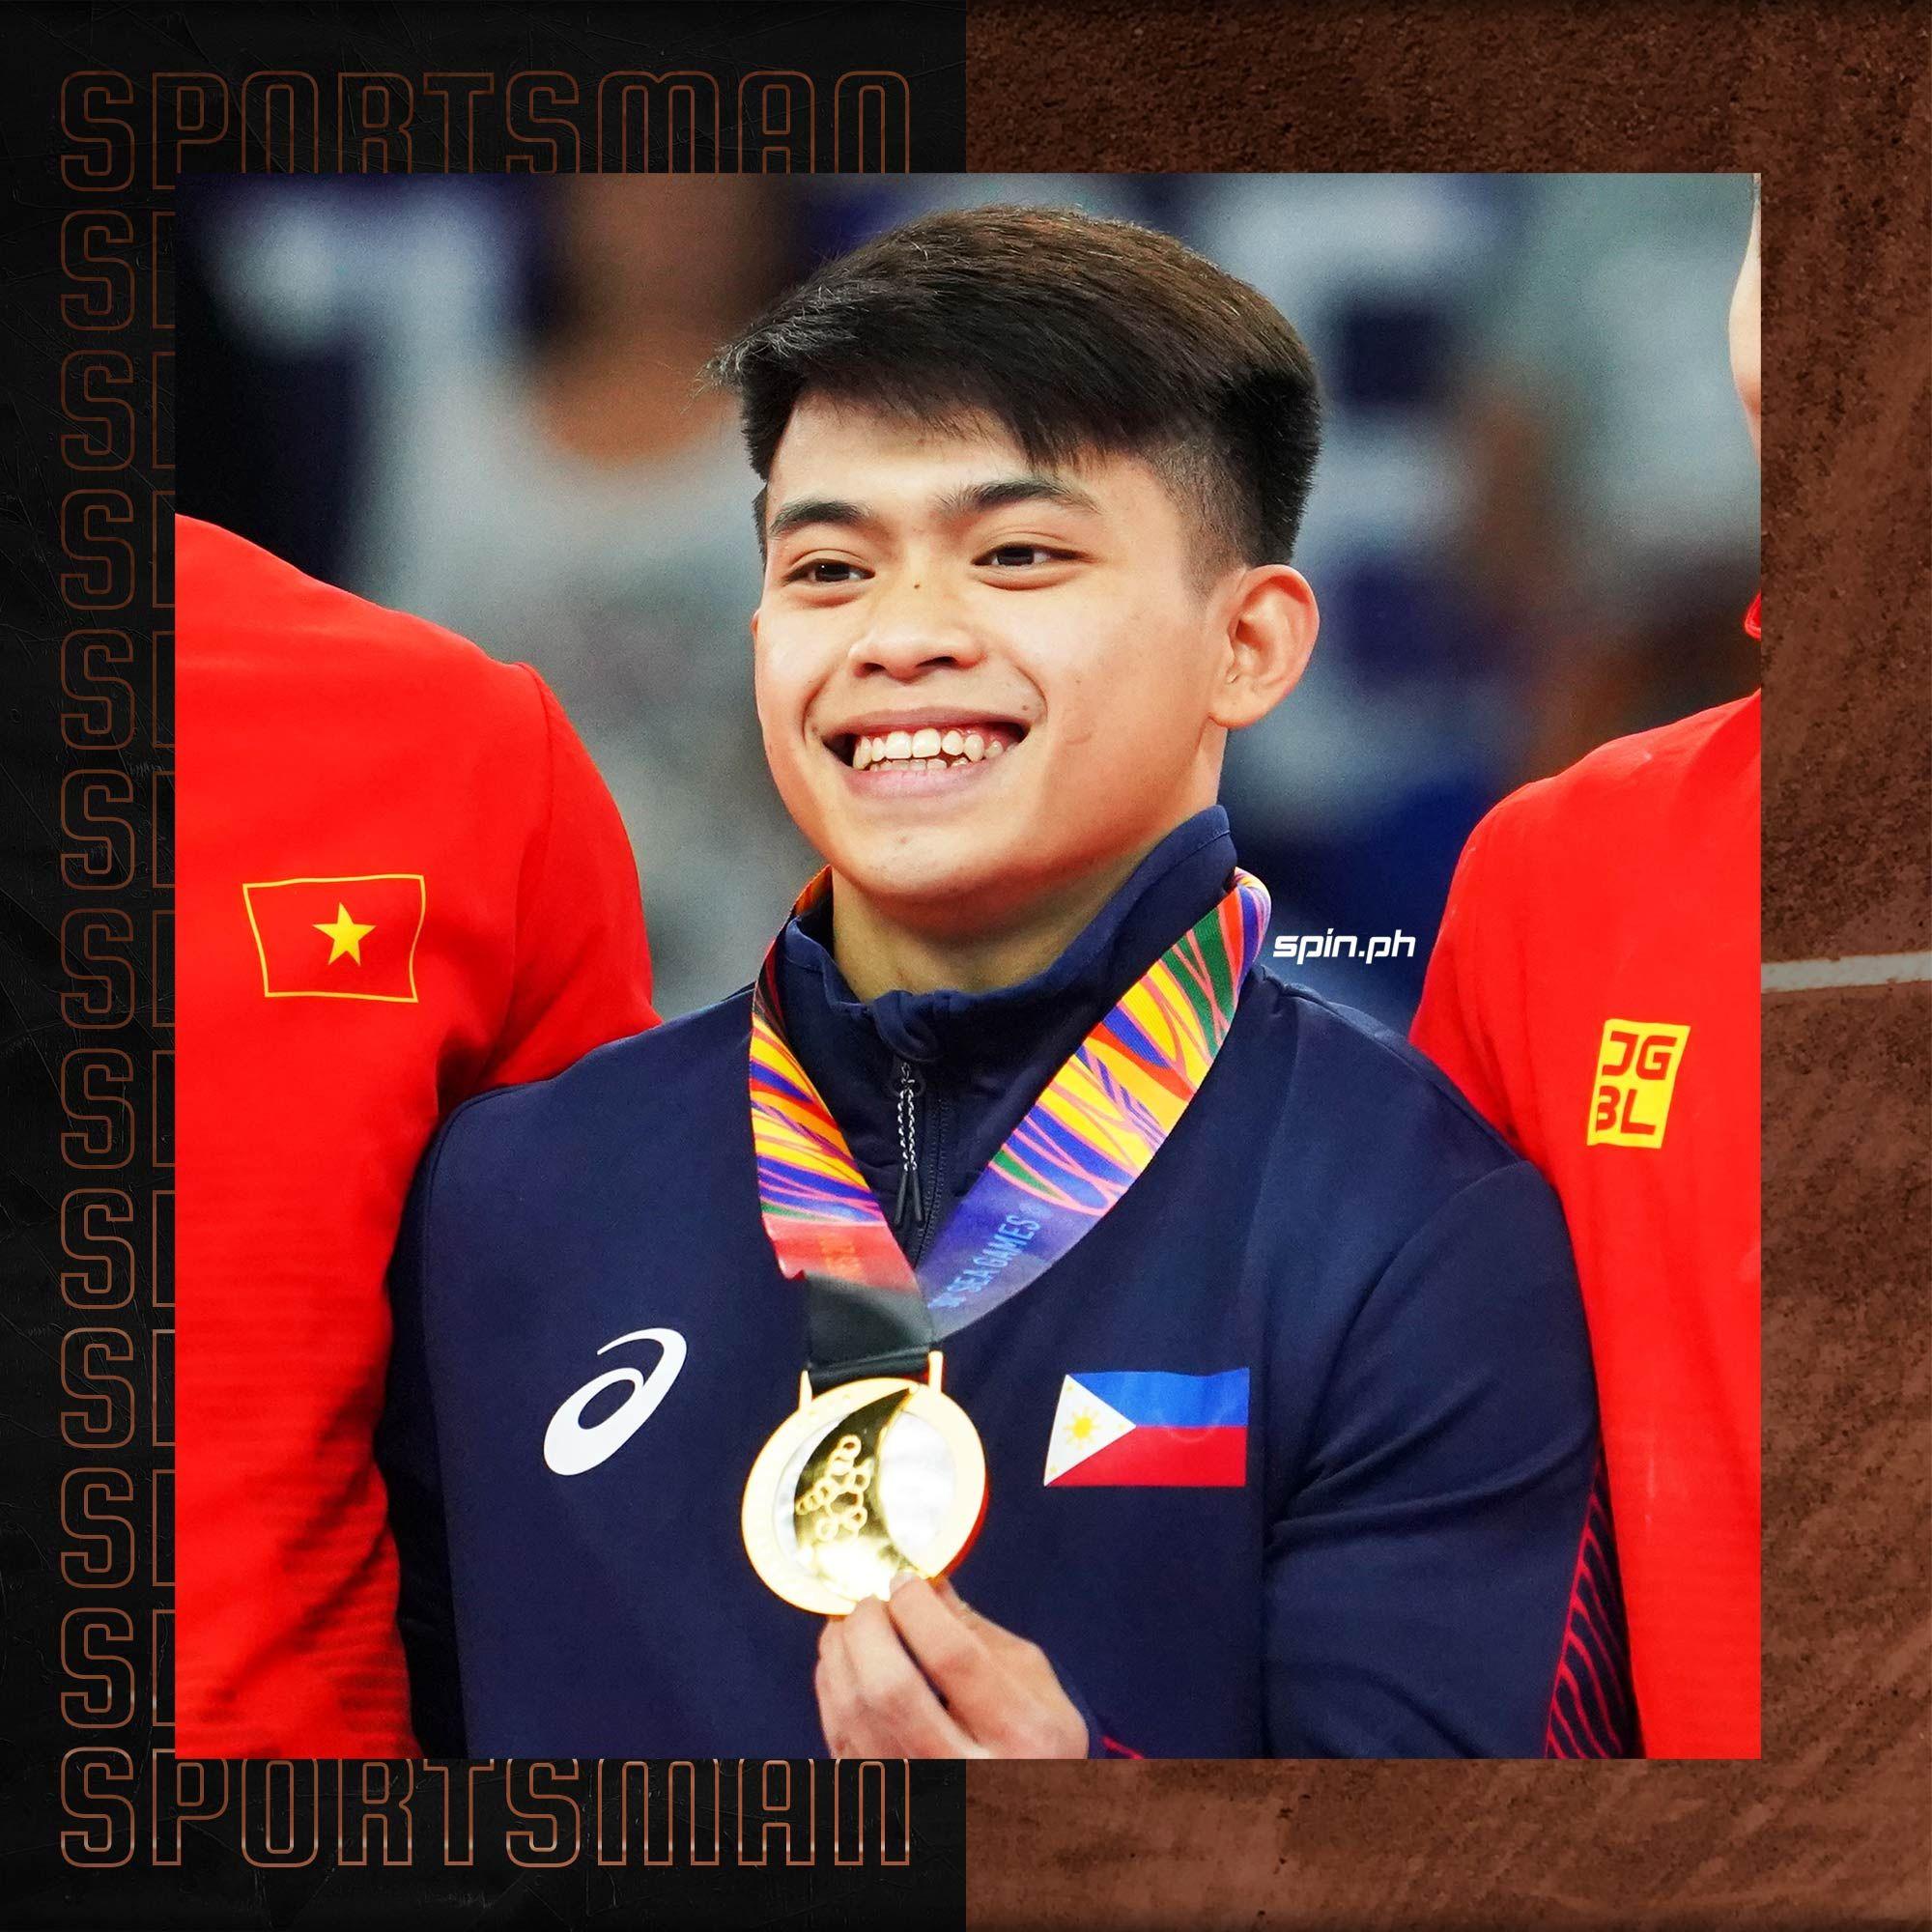 Carlos Yulo of gymnastics.